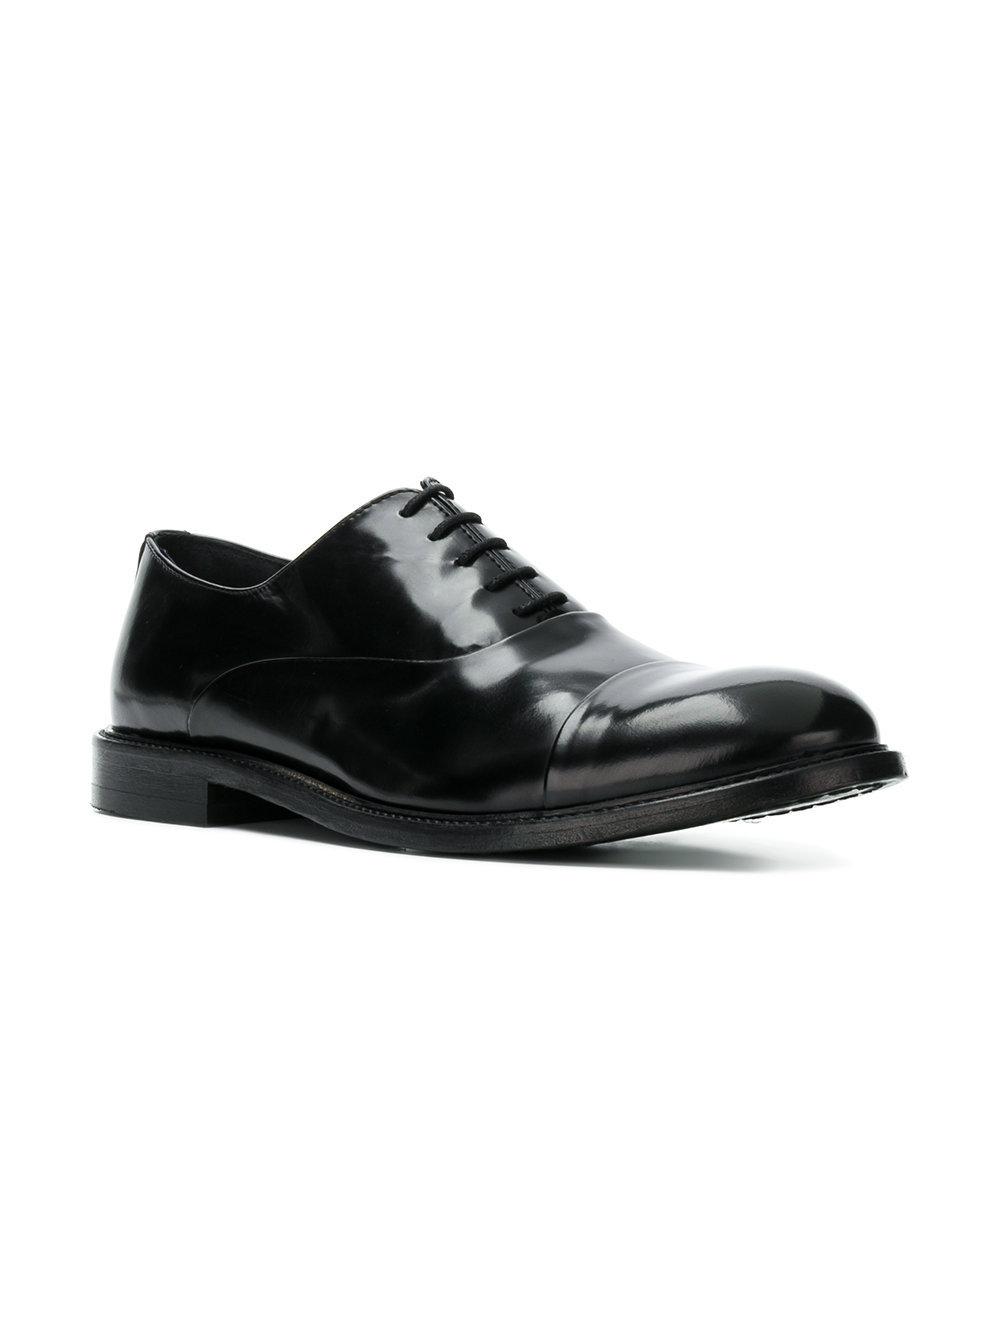 Zapatos oxford de cuero negros de Leqarant